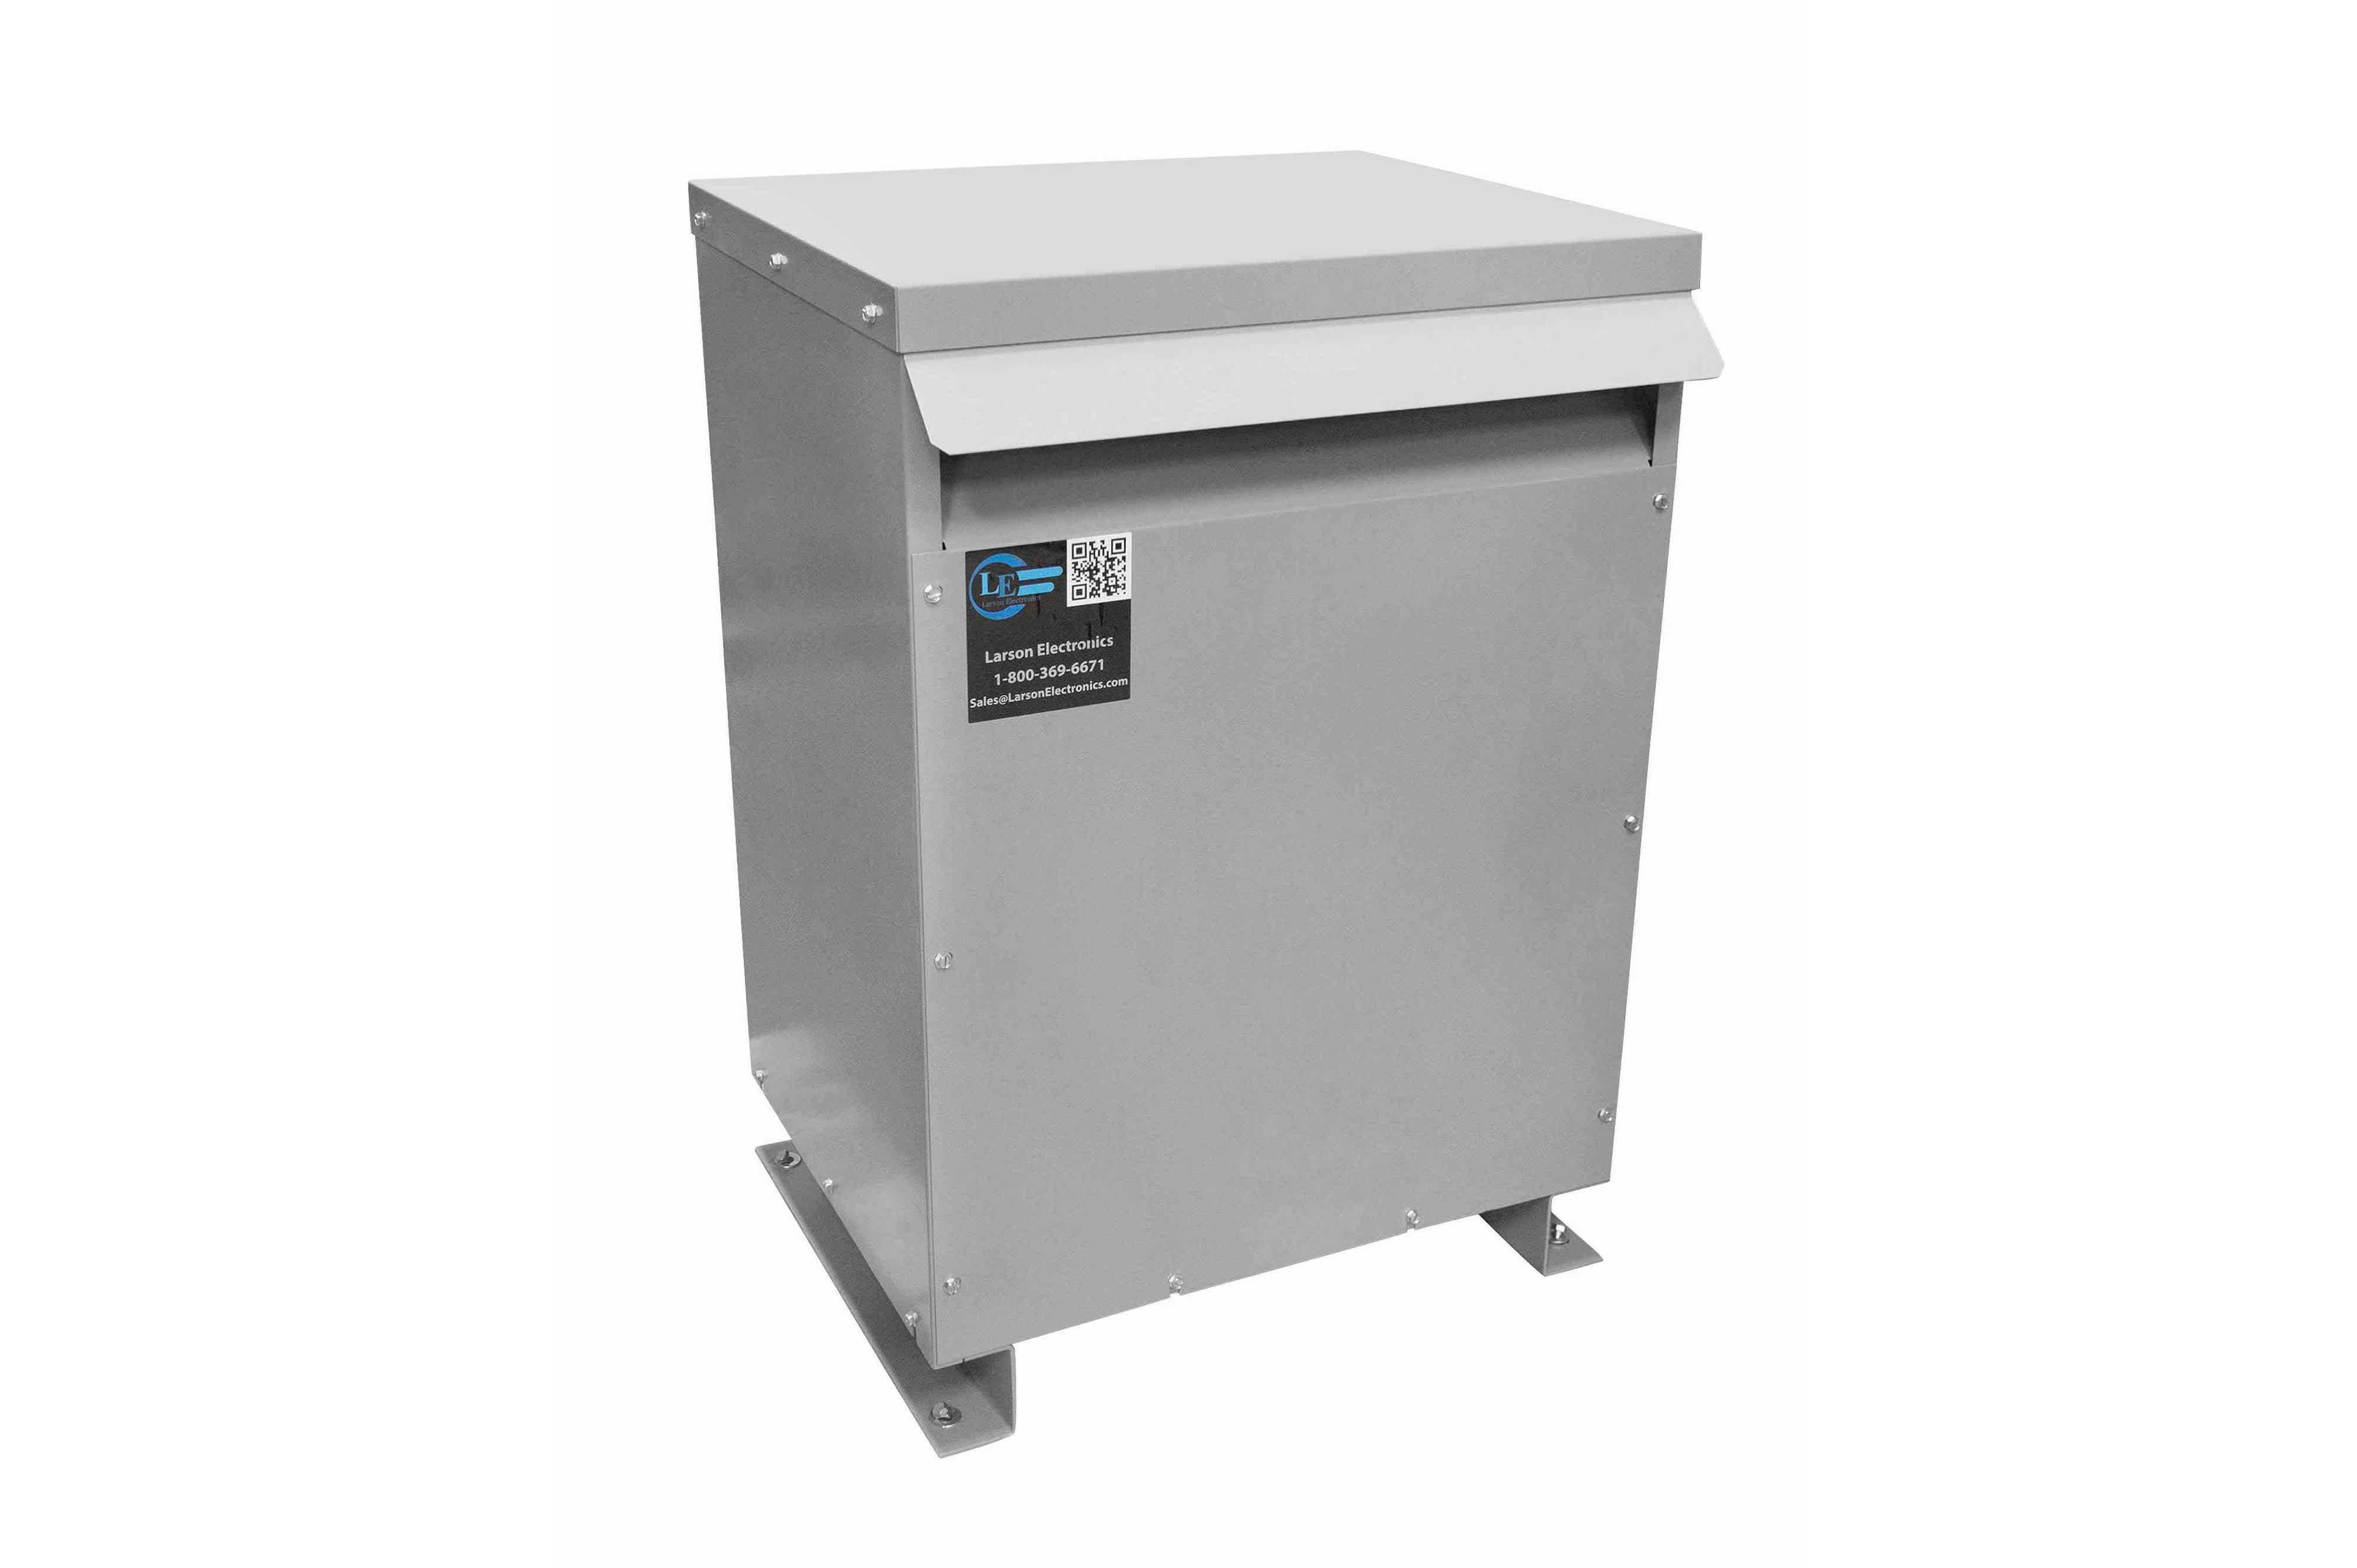 25 kVA 3PH Isolation Transformer, 415V Delta Primary, 600V Delta Secondary, N3R, Ventilated, 60 Hz